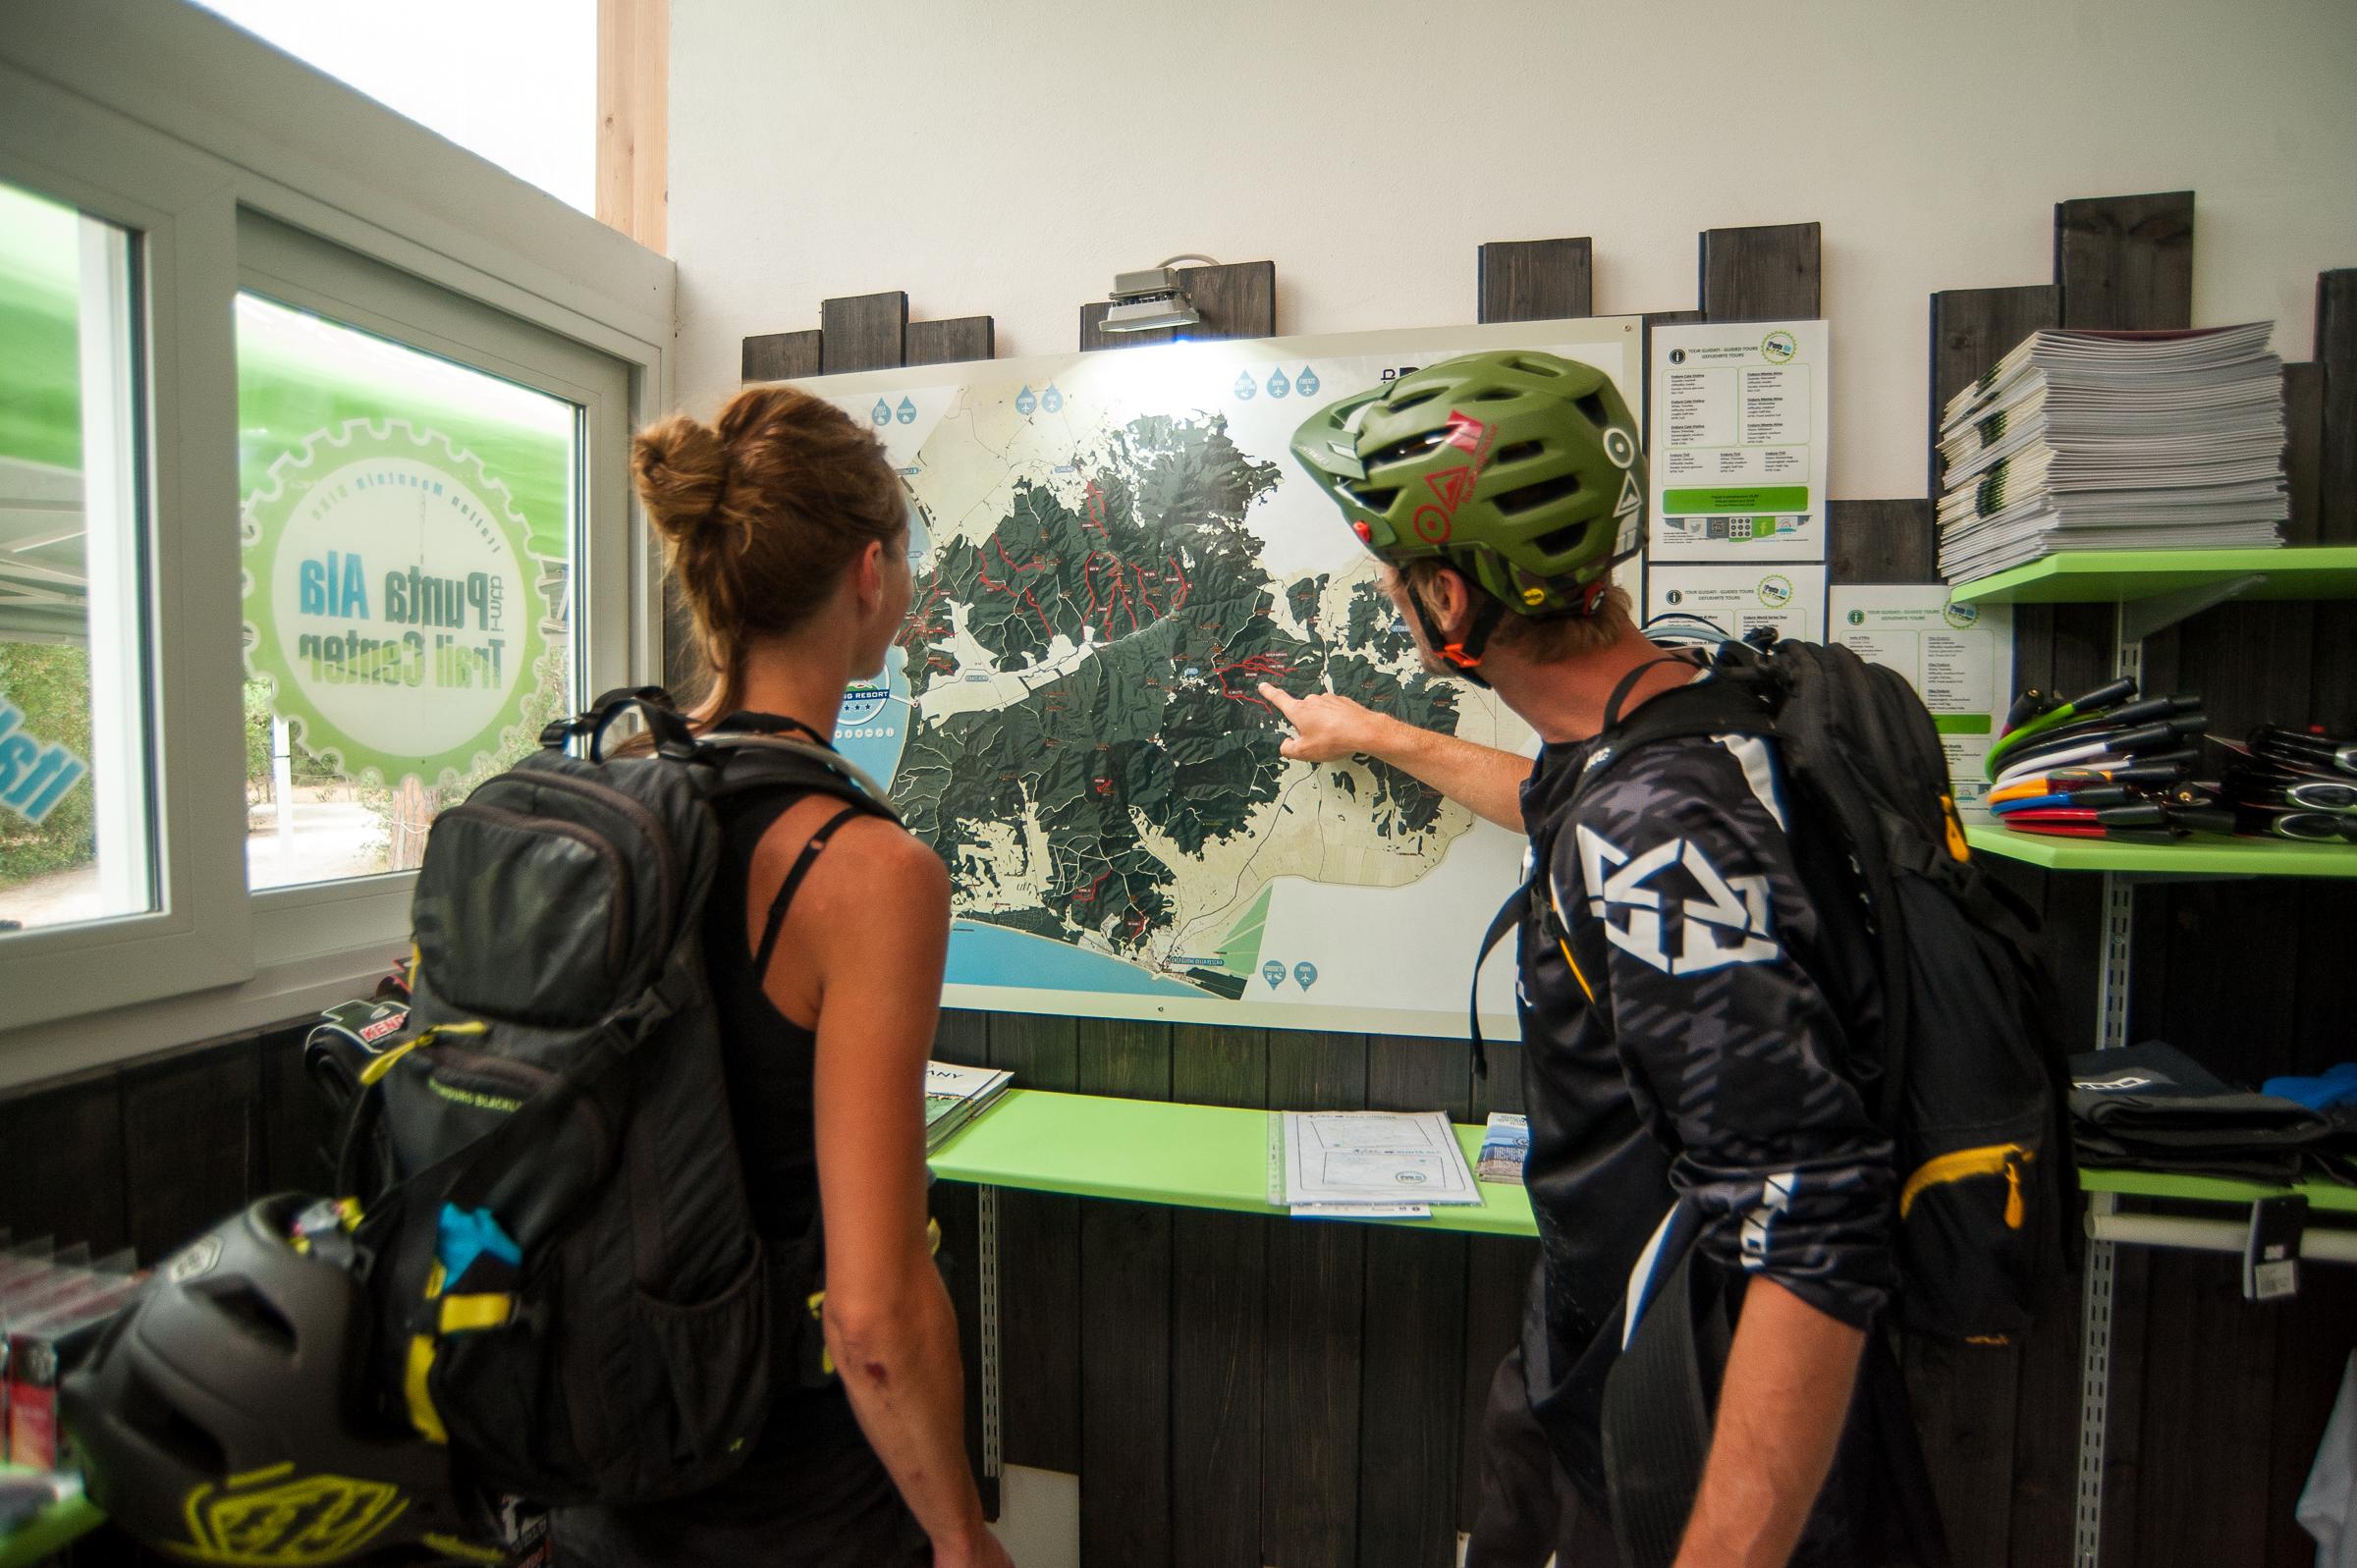 Un veloce controllo alla mappa aspettando di noleggiare le due bici Giant per il tour di oggi